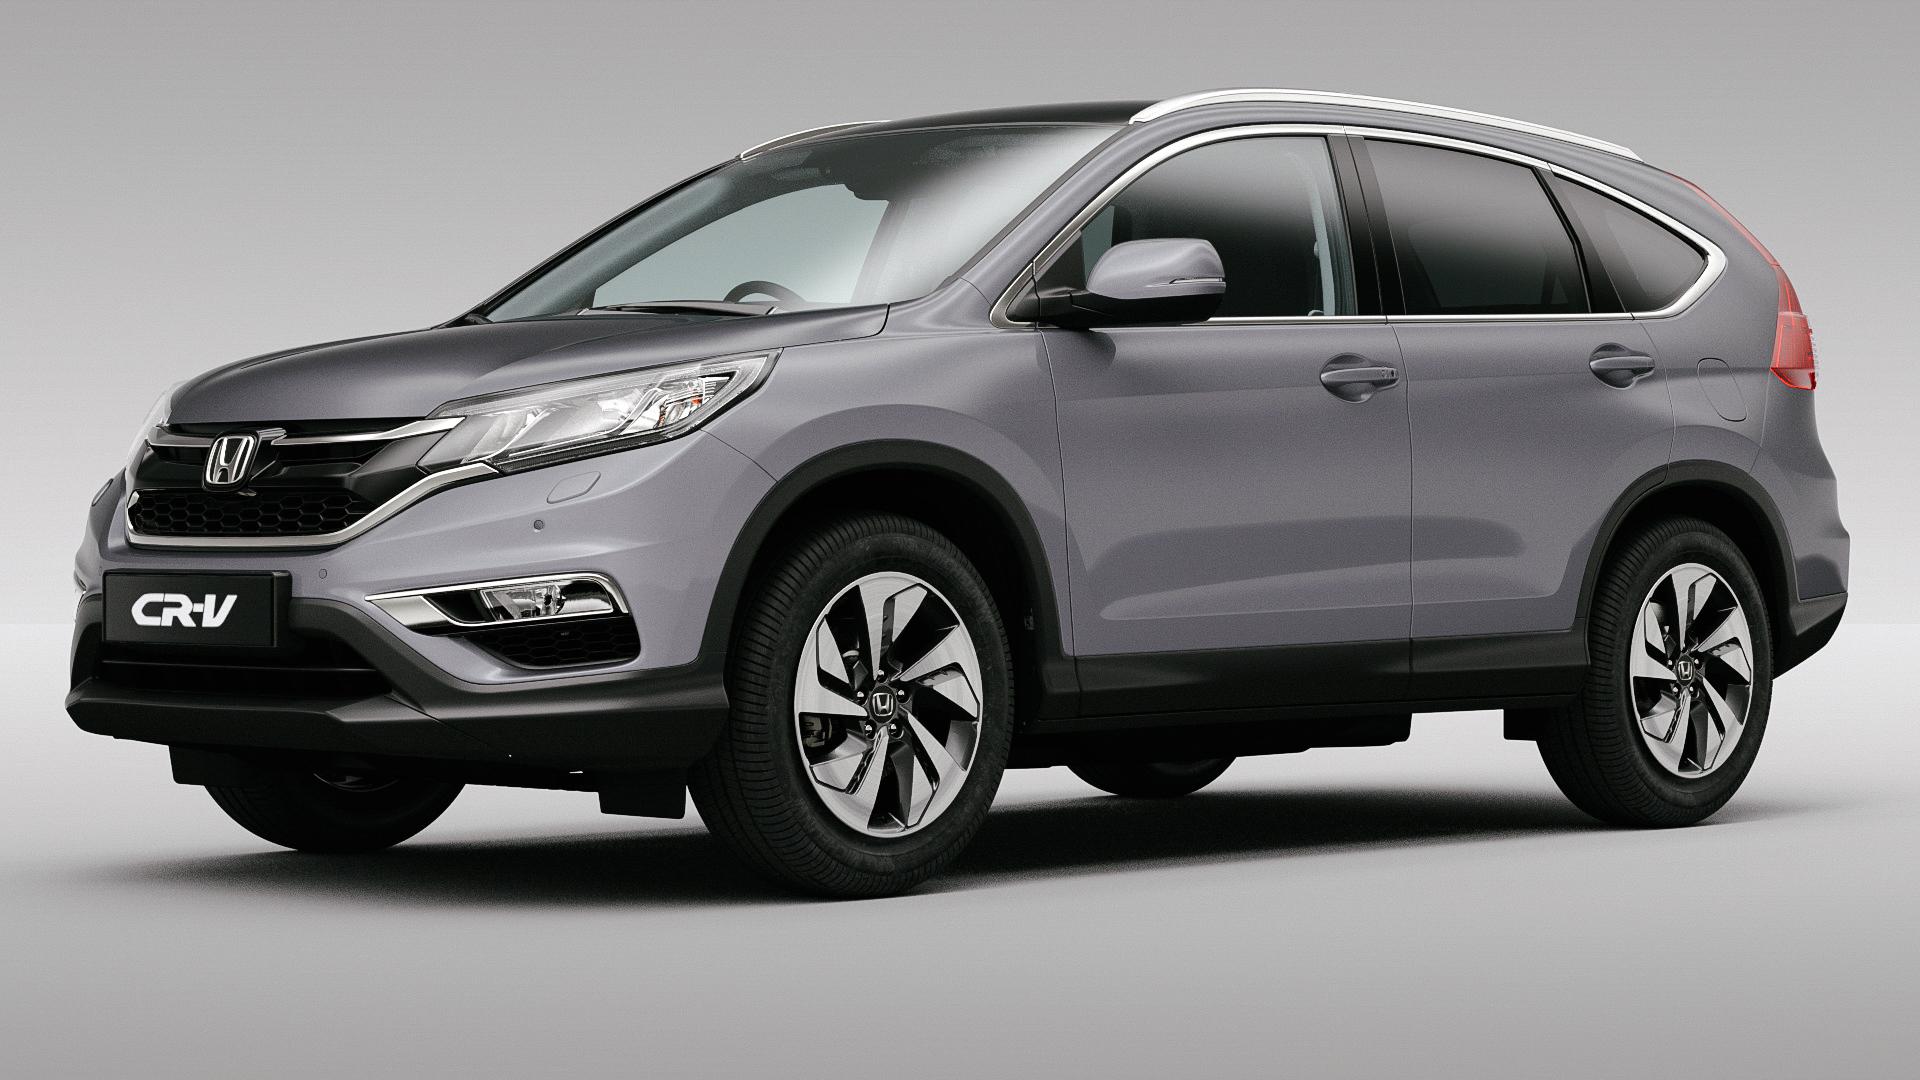 Honda-CRV_white_orchid_pearl_V01_0001.jpg